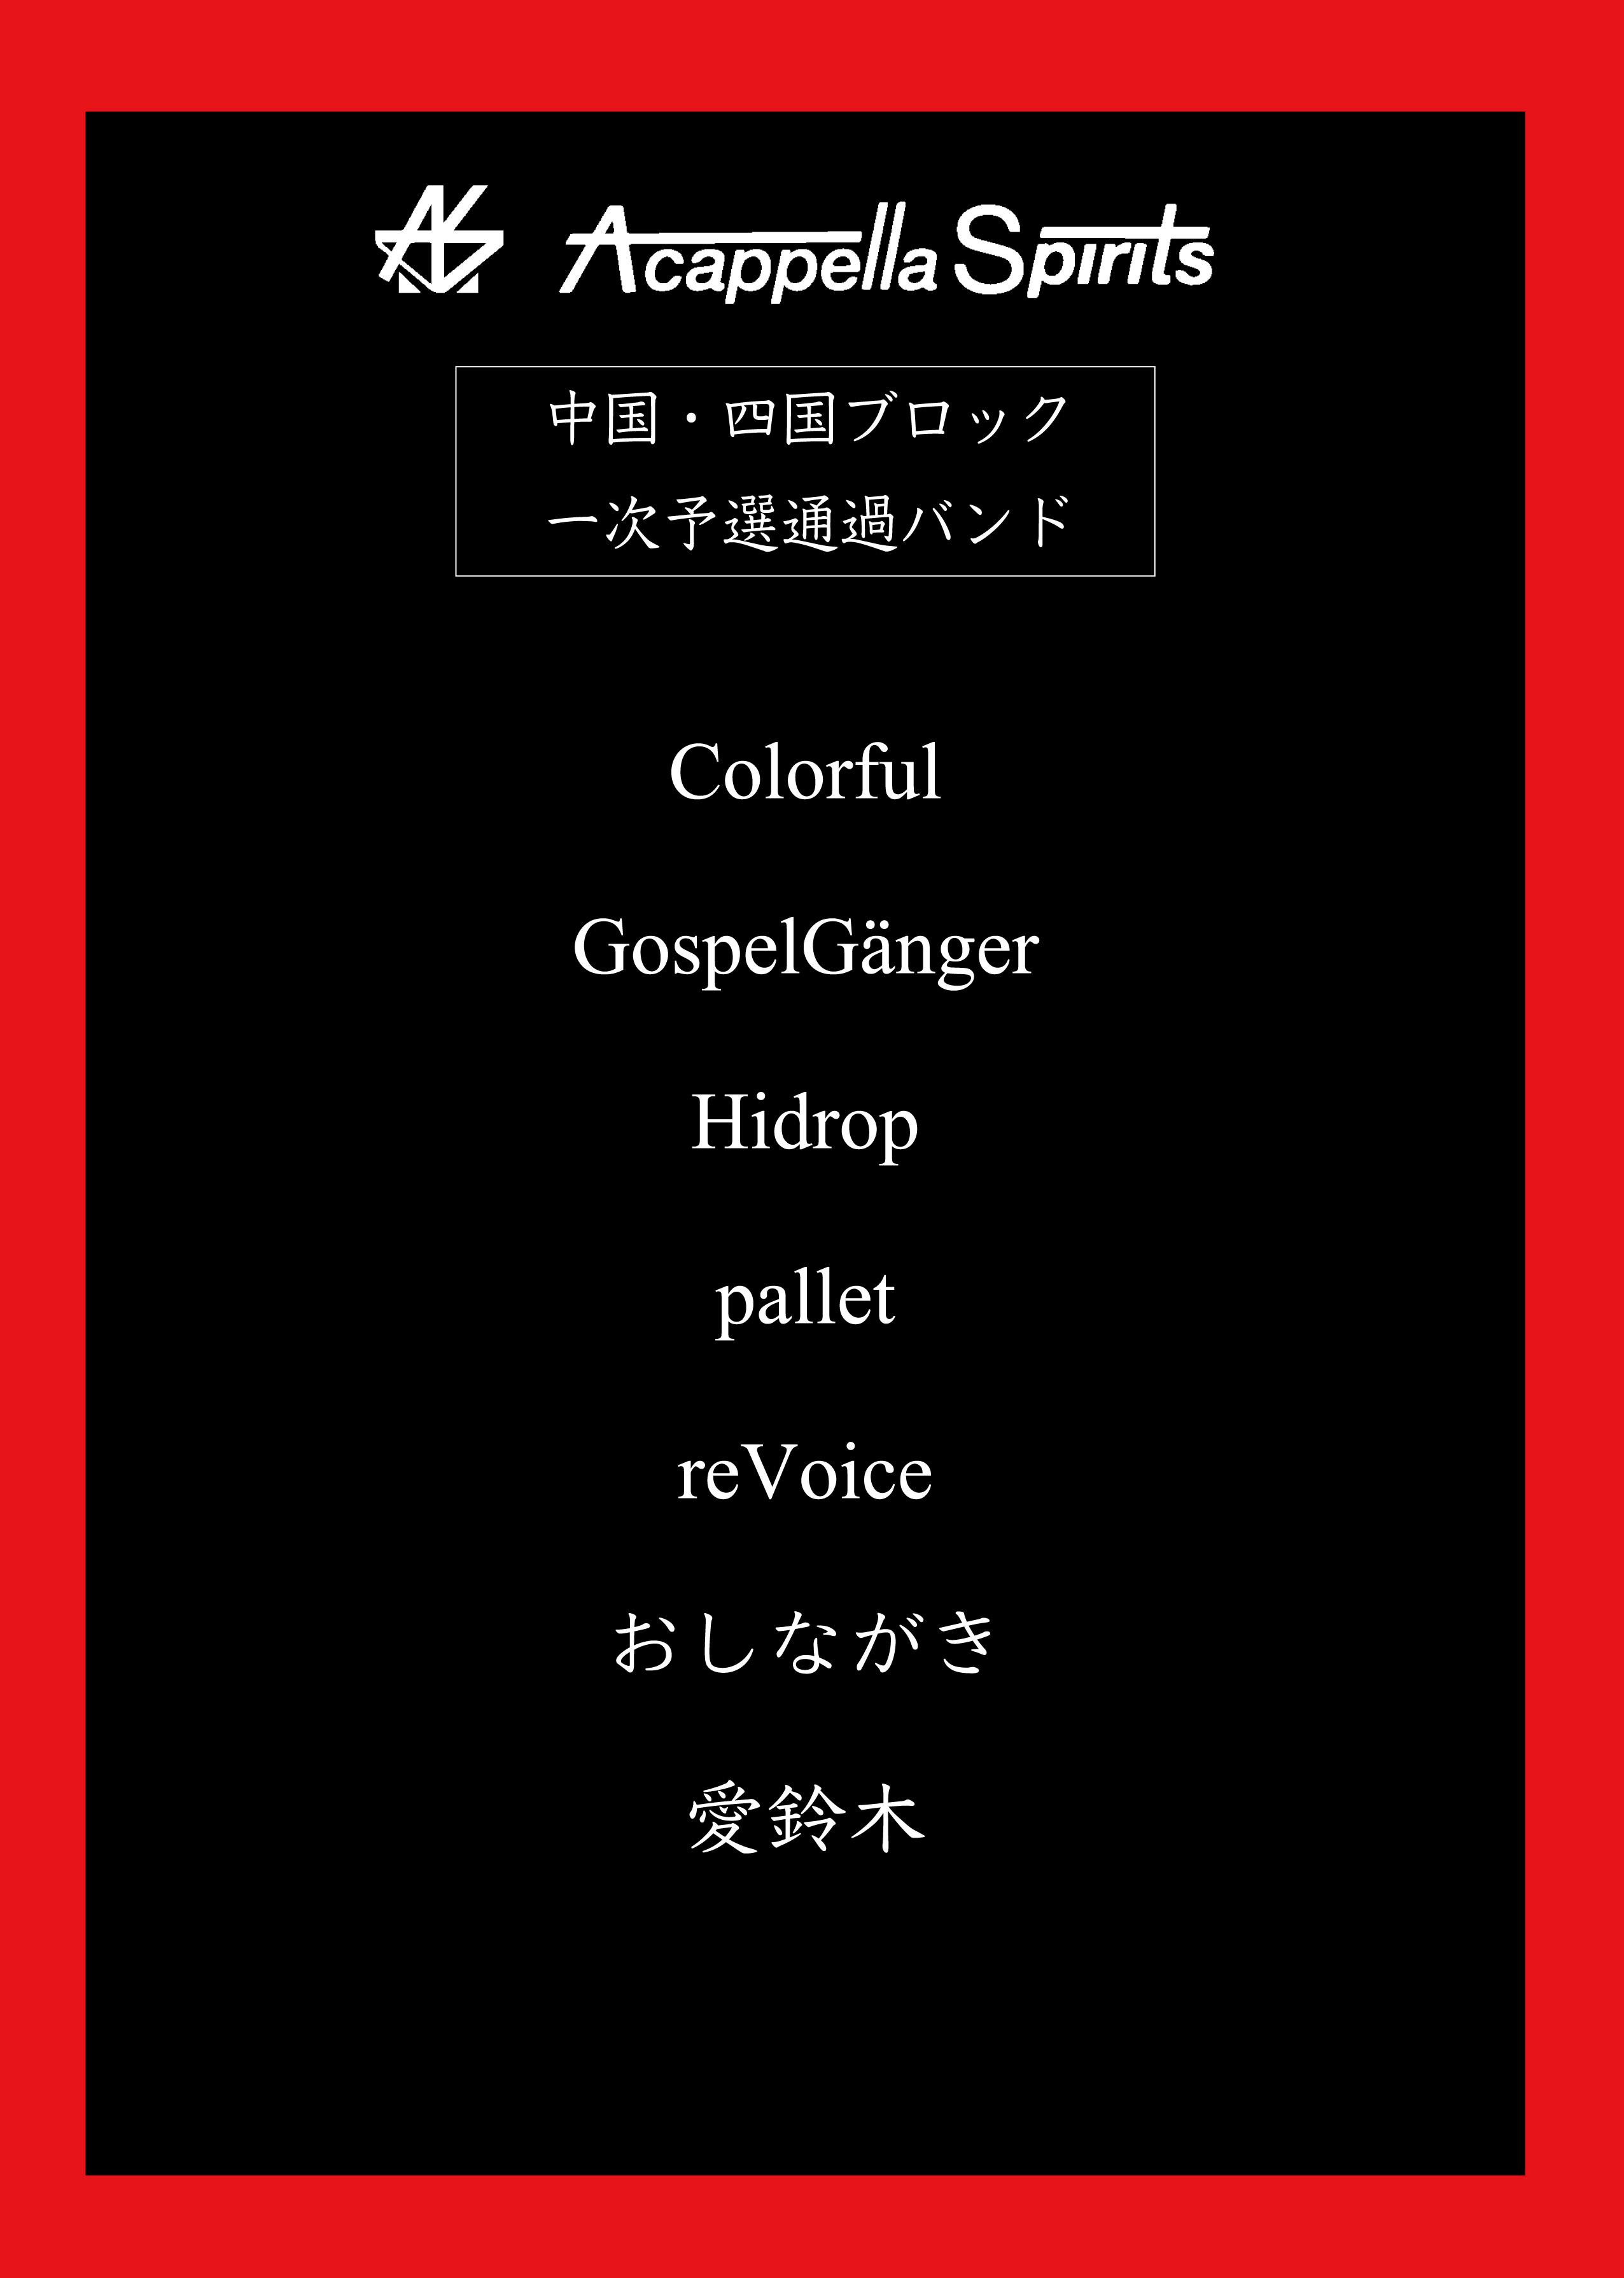 第10回 A cappella Spirits 中国・四国最終予選